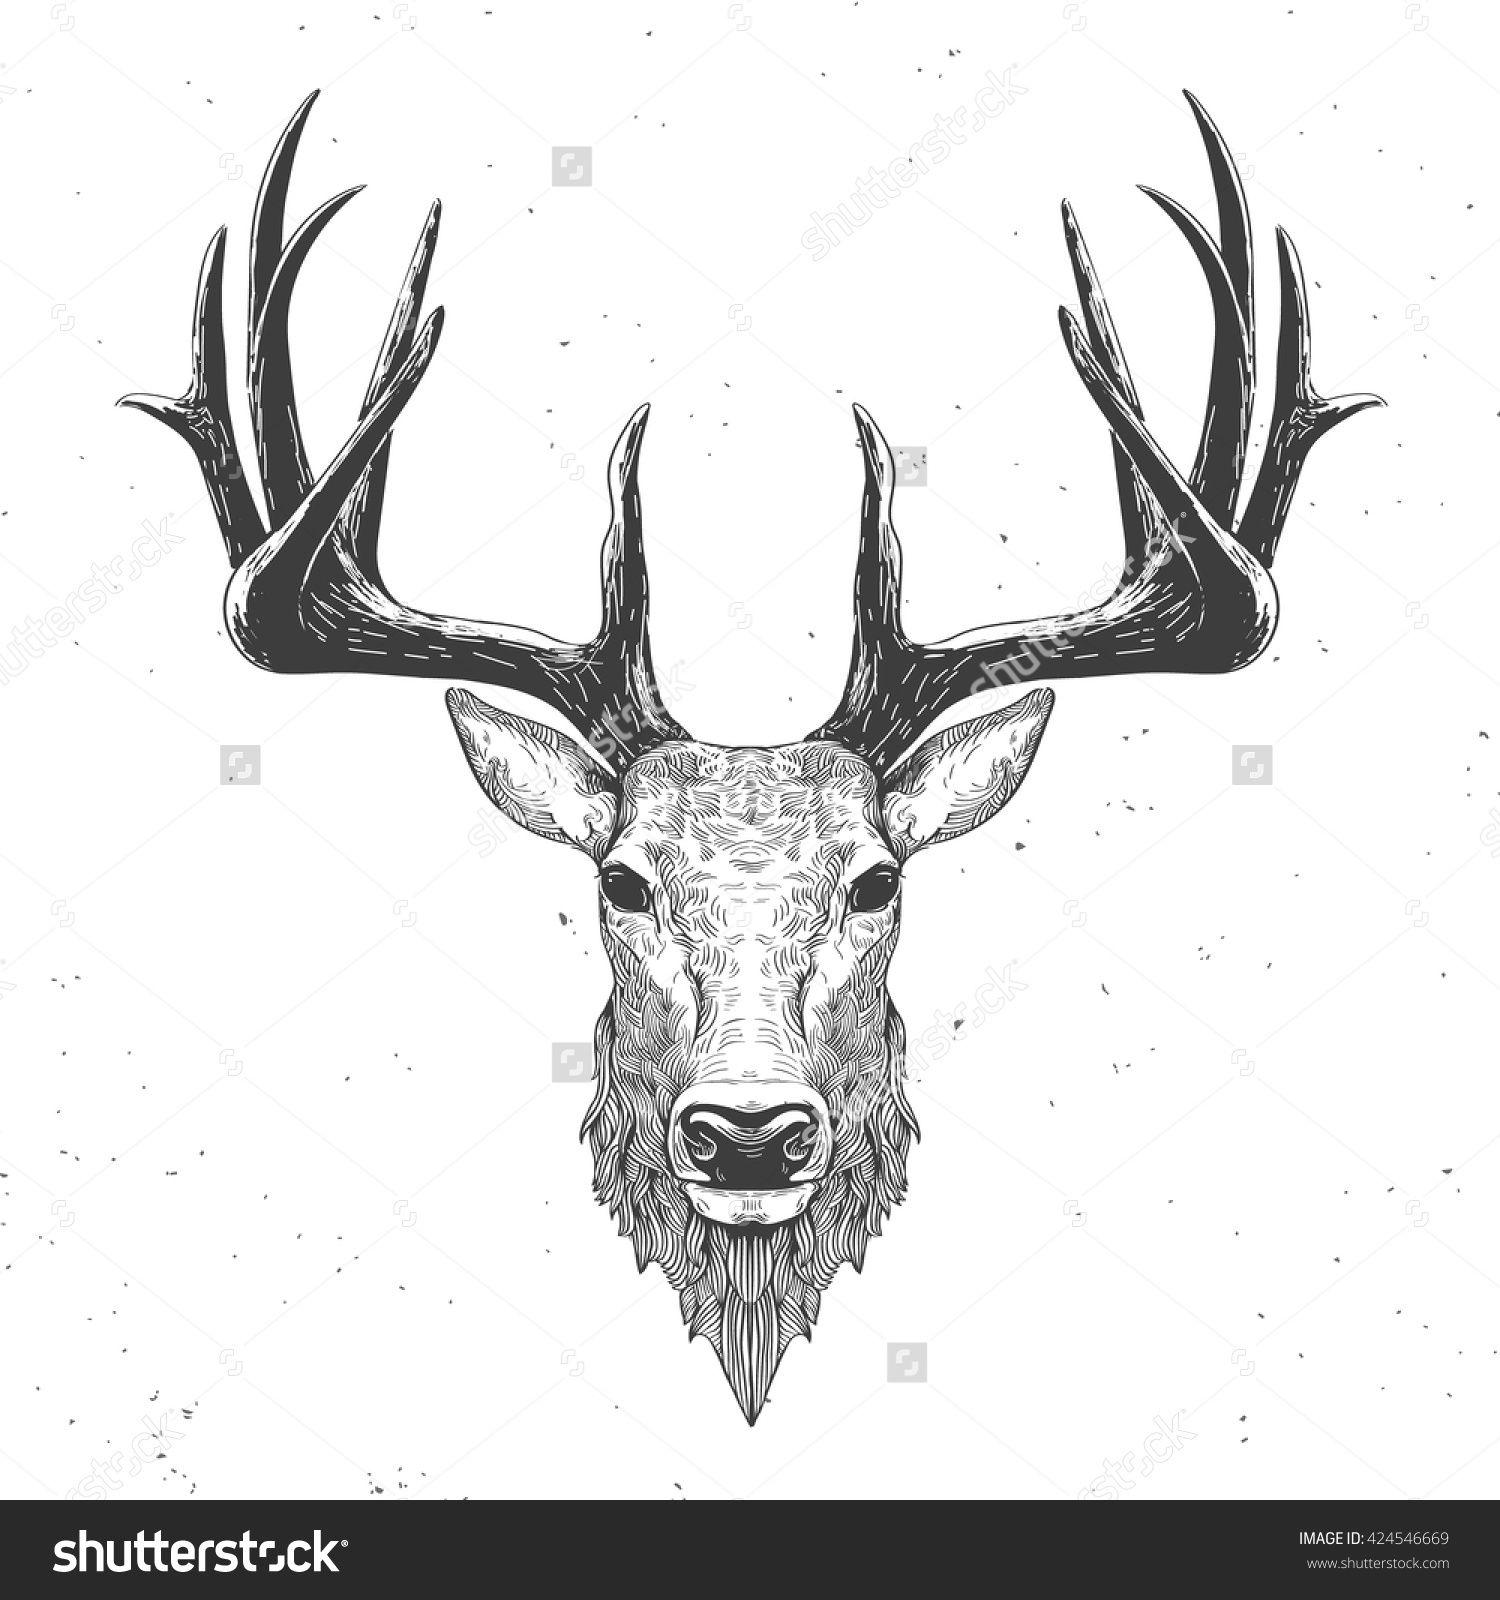 deer head on white hand drawn vintage illustration lax deer illustration how to draw hands. Black Bedroom Furniture Sets. Home Design Ideas